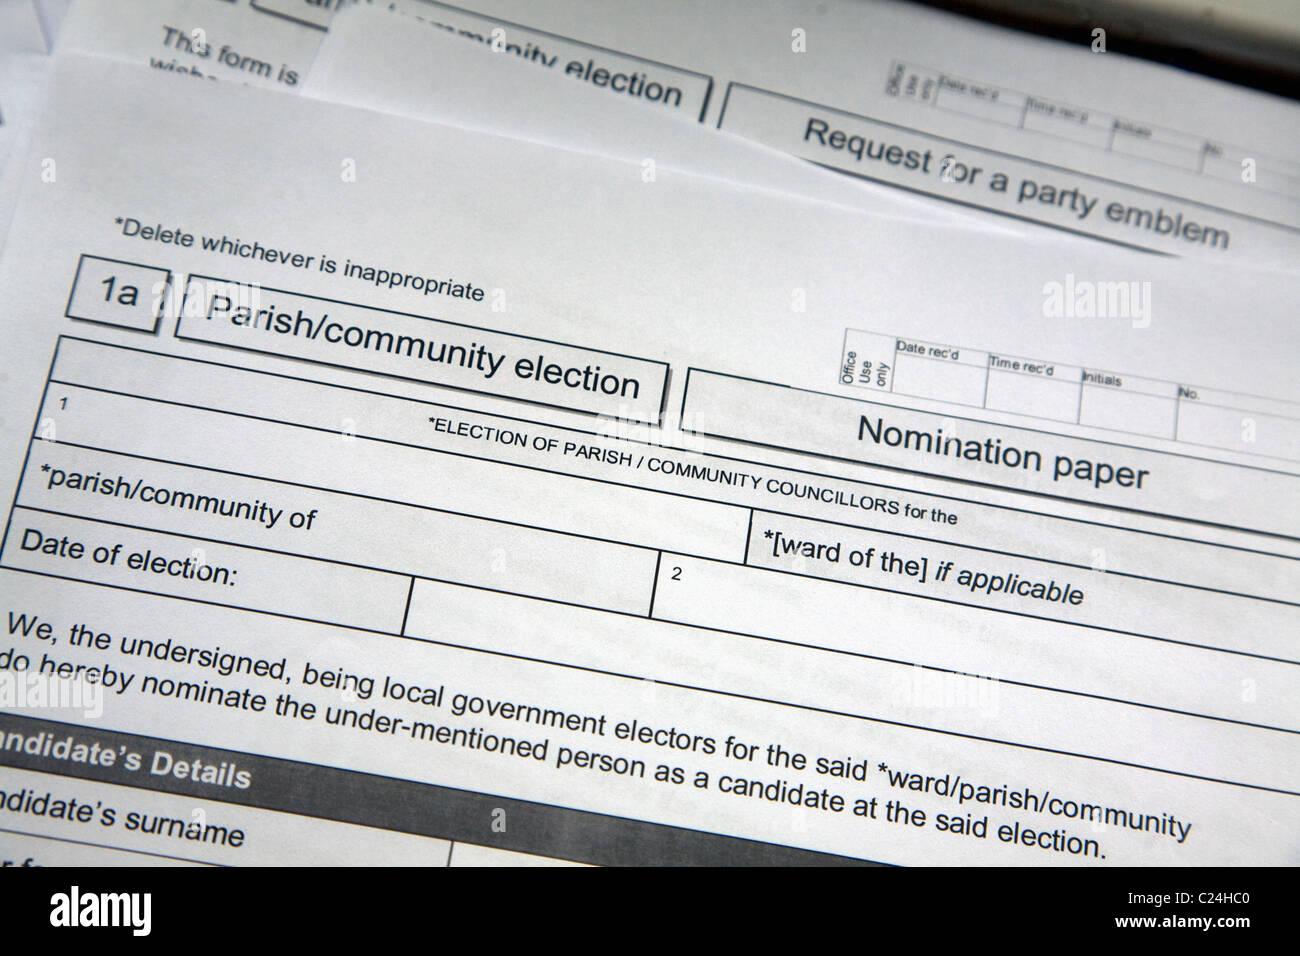 Parish council election nomination paper forms - Stock Image